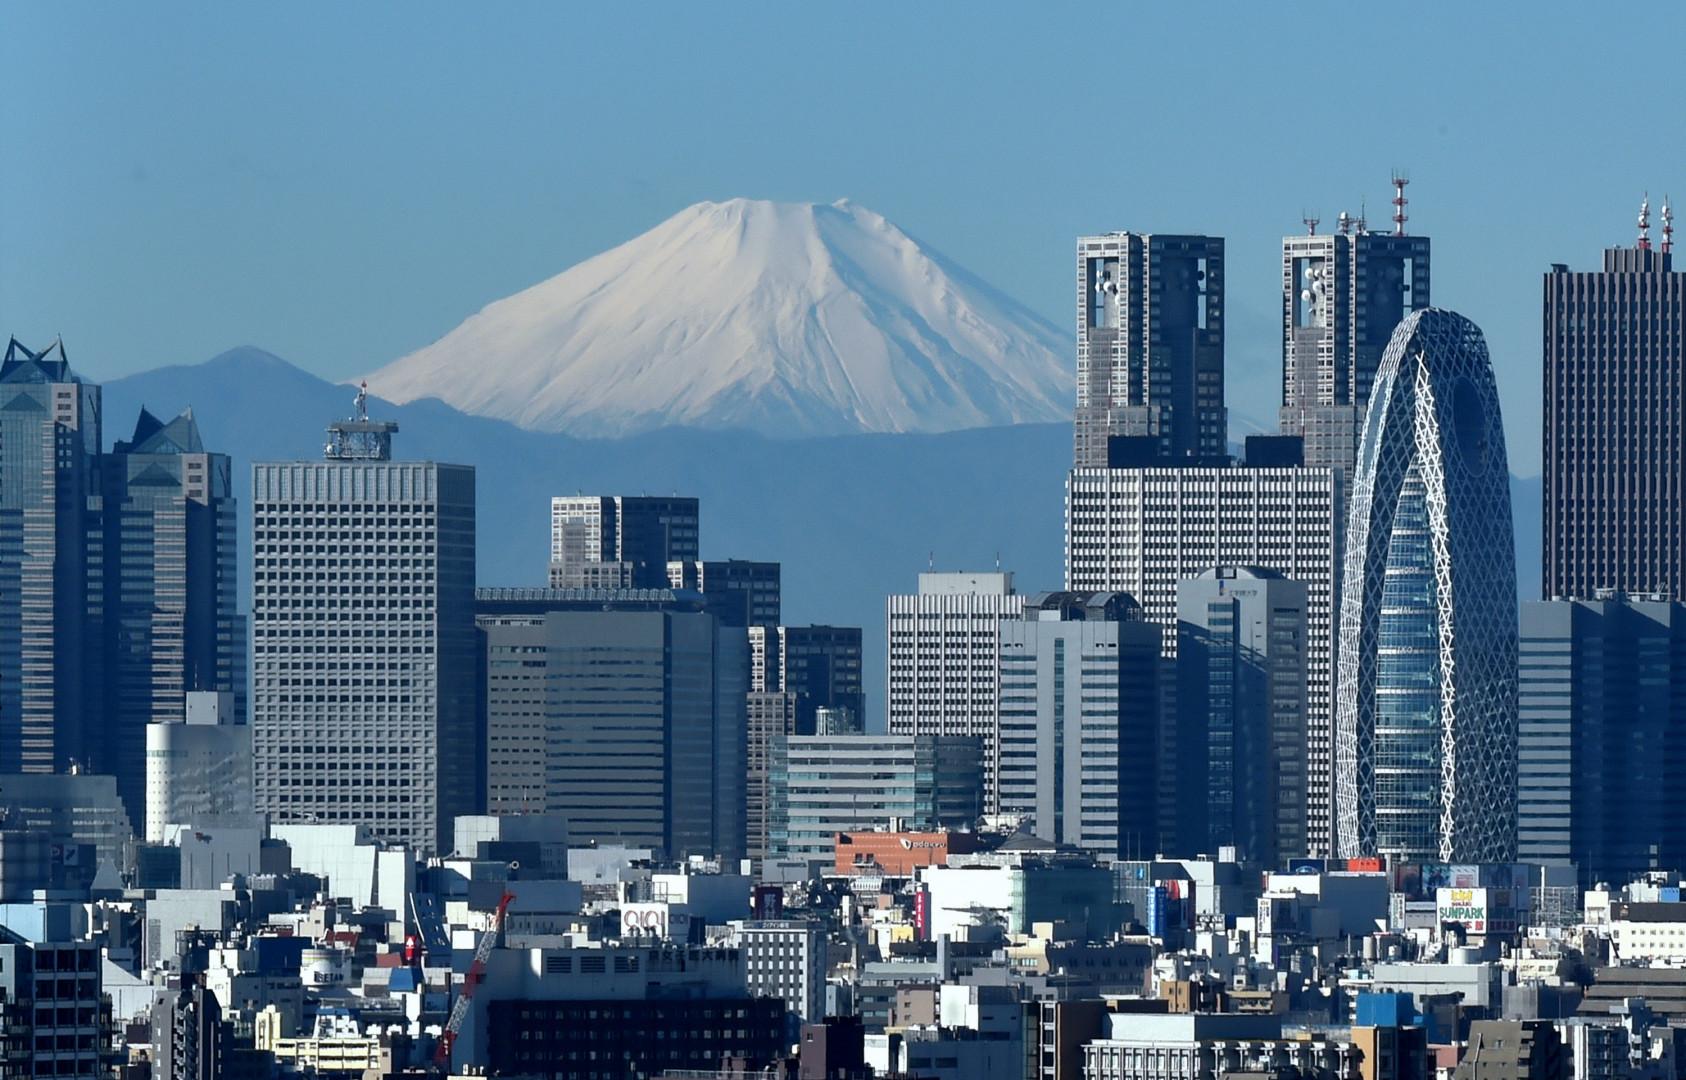 Depuis mi-juillet 2015, il est possible d'obtenir le Wi-Fi au sommet du Mont Fuji au Japon. La ville grappille de la place sur la nature.